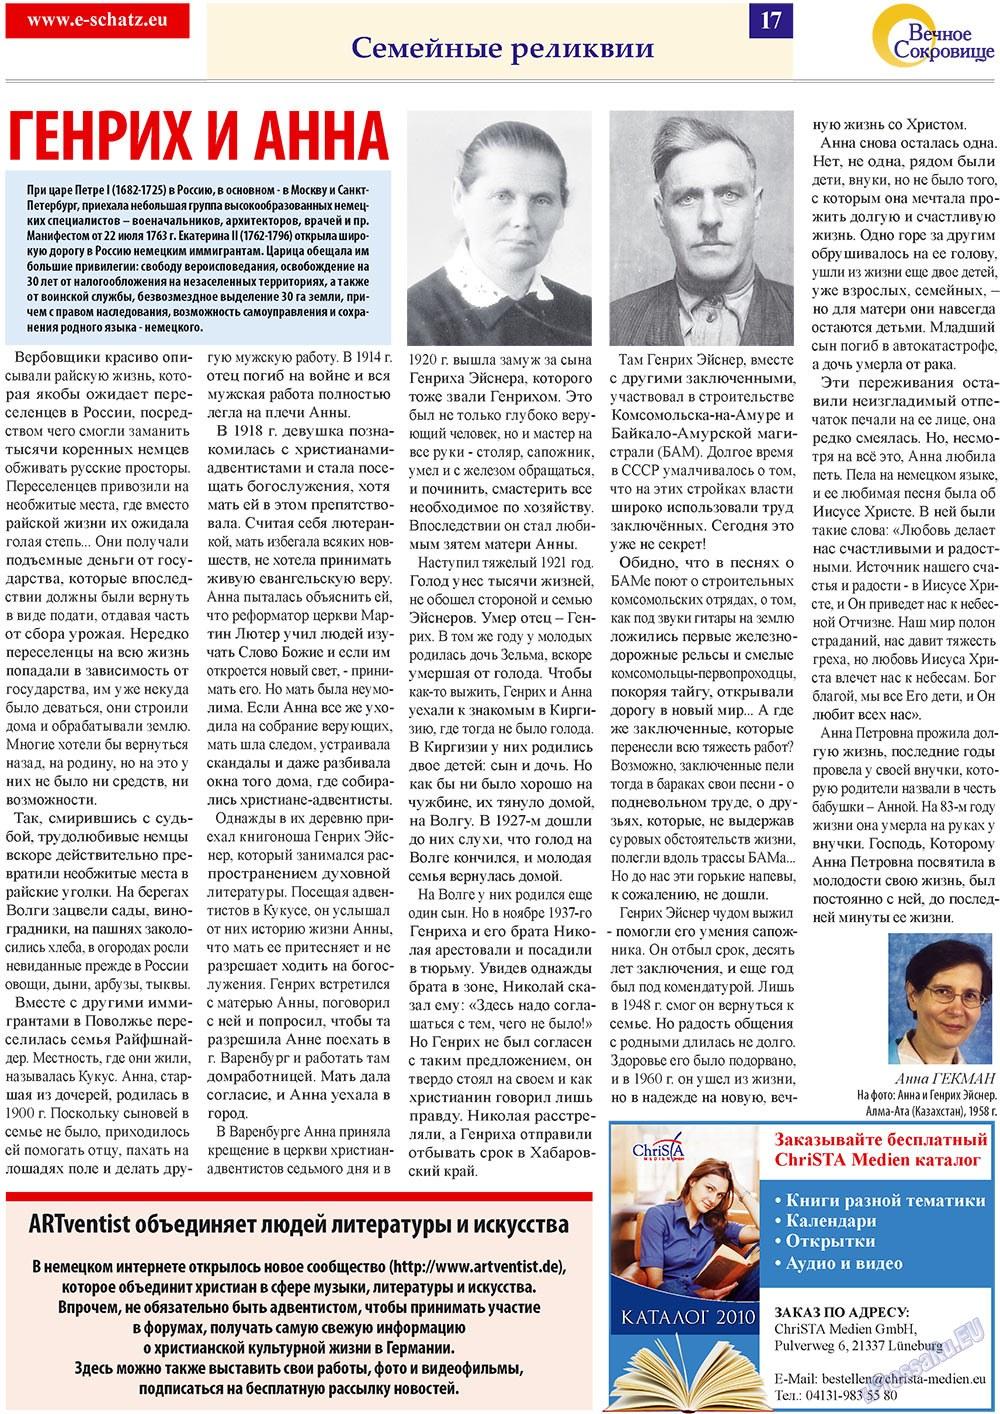 Вечное сокровище (газета). 2010 год, номер 2, стр. 17